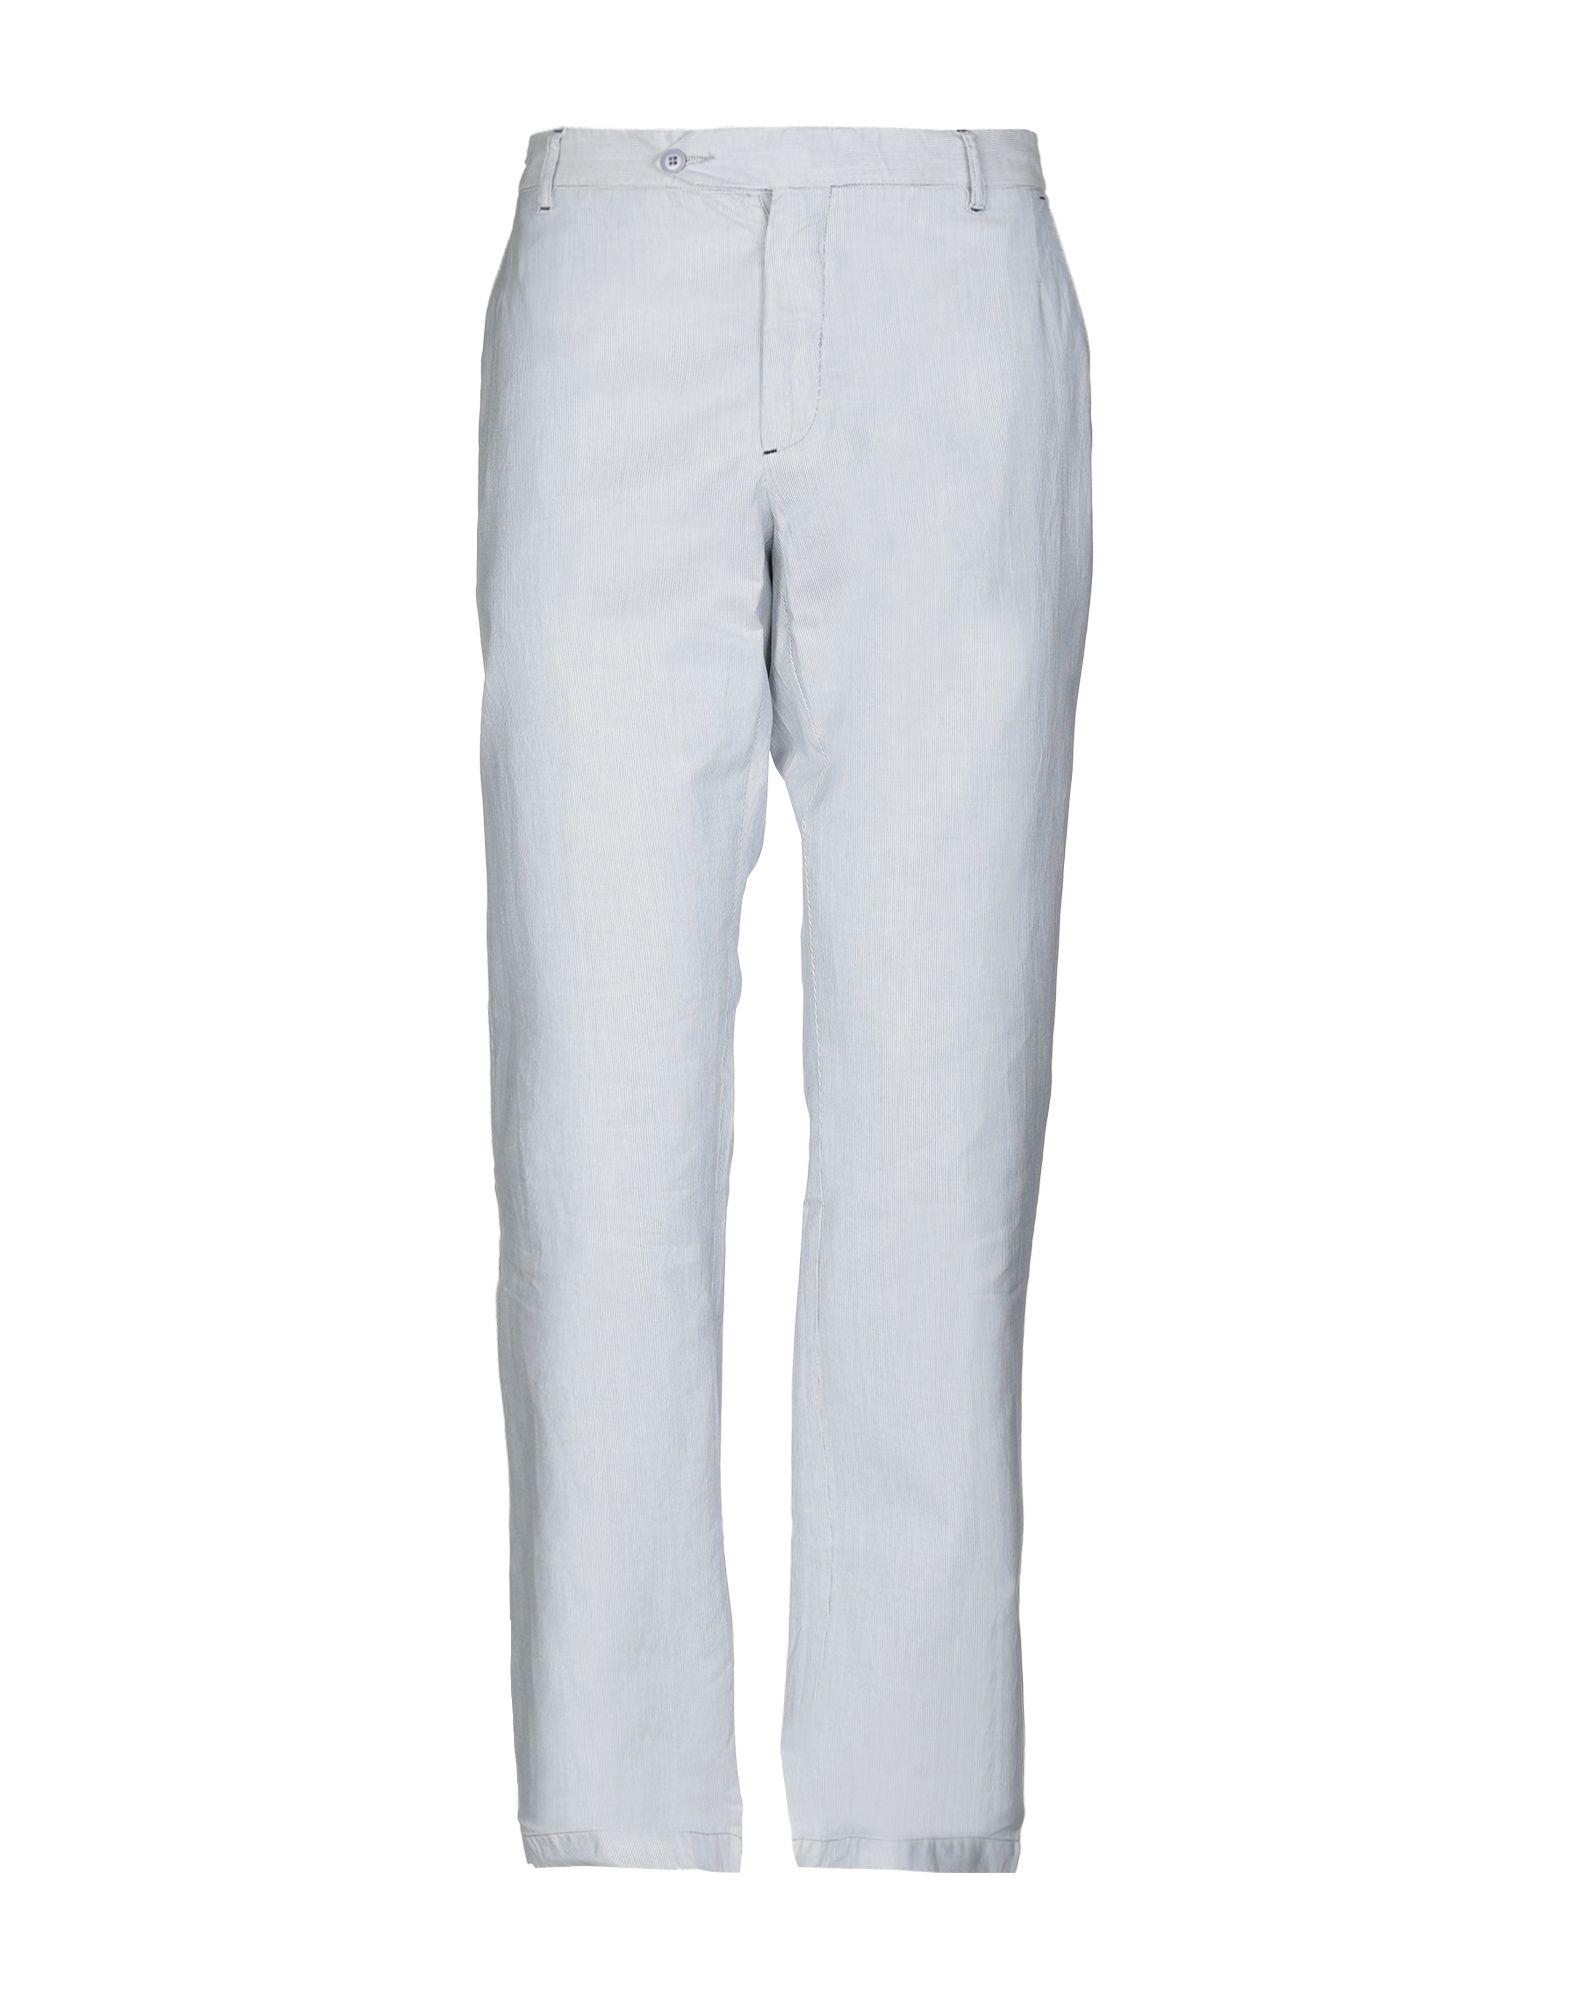 《送料無料》PAUL TAYLOR メンズ パンツ ブルーグレー 54 コットン 100%